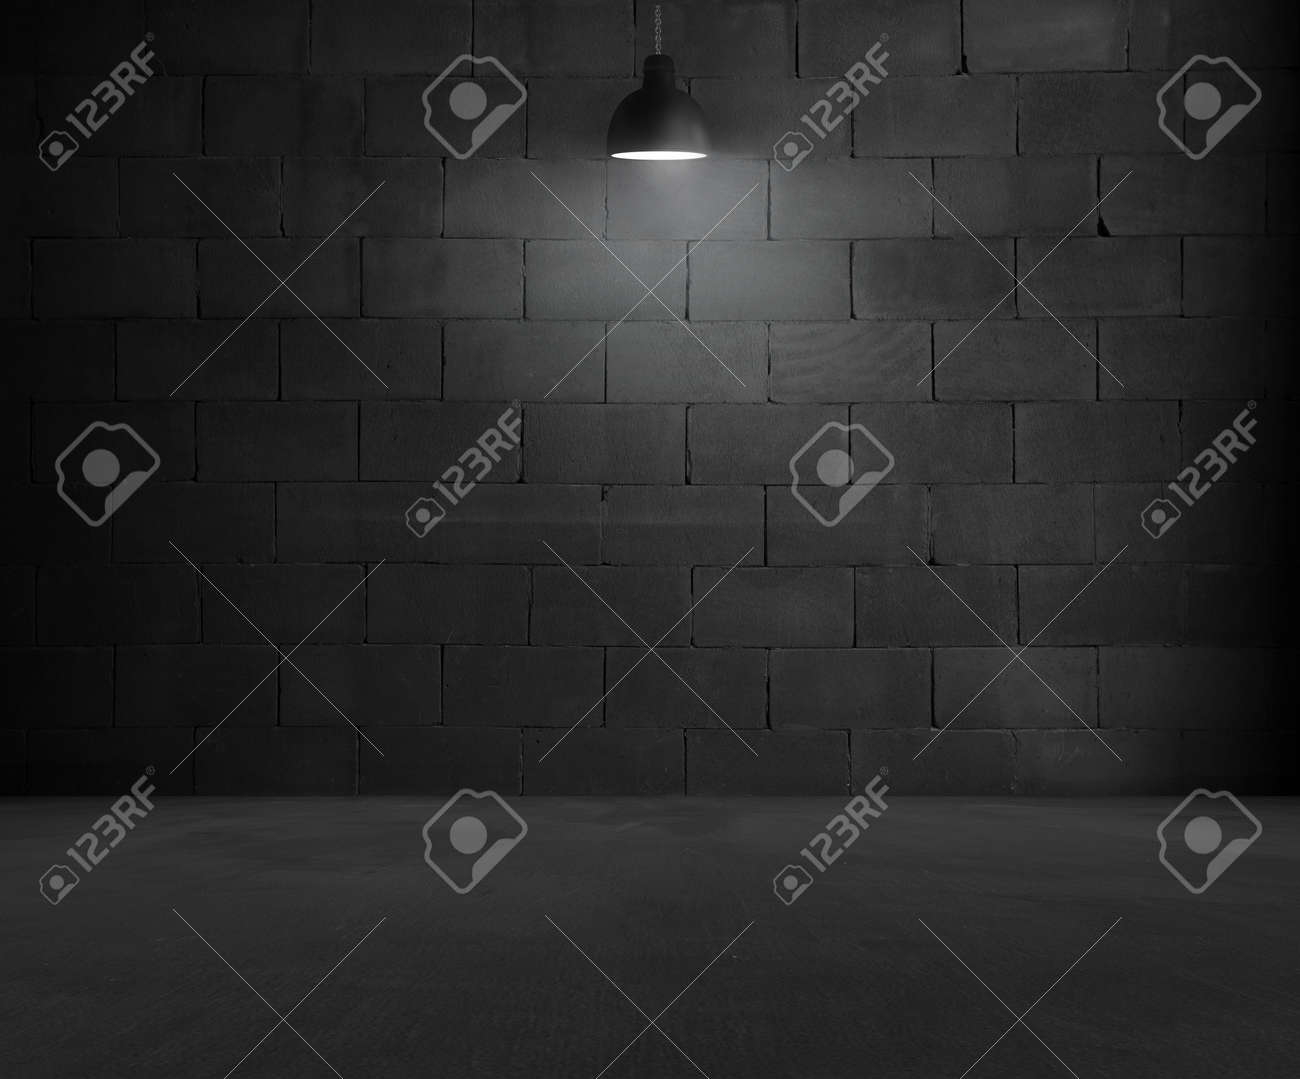 Black brick room interior design with lamp - 58393682